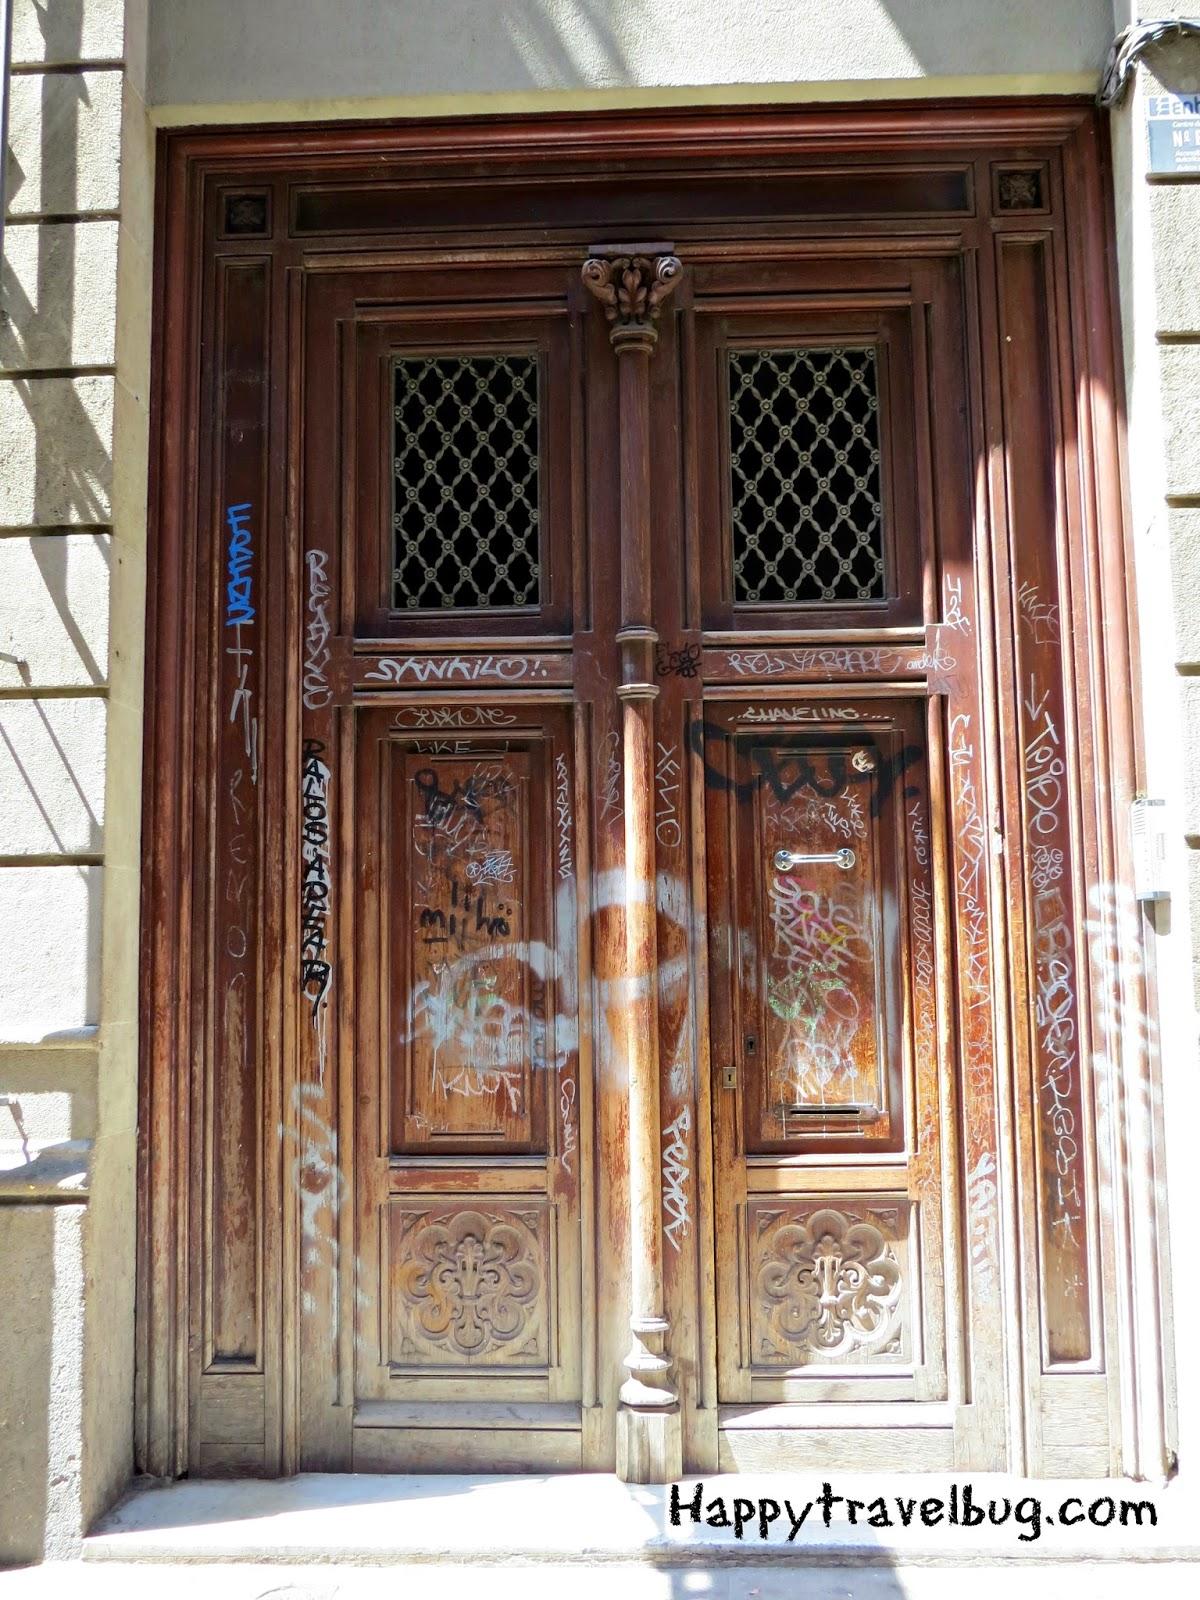 Wooden door in Barcelona, Spain